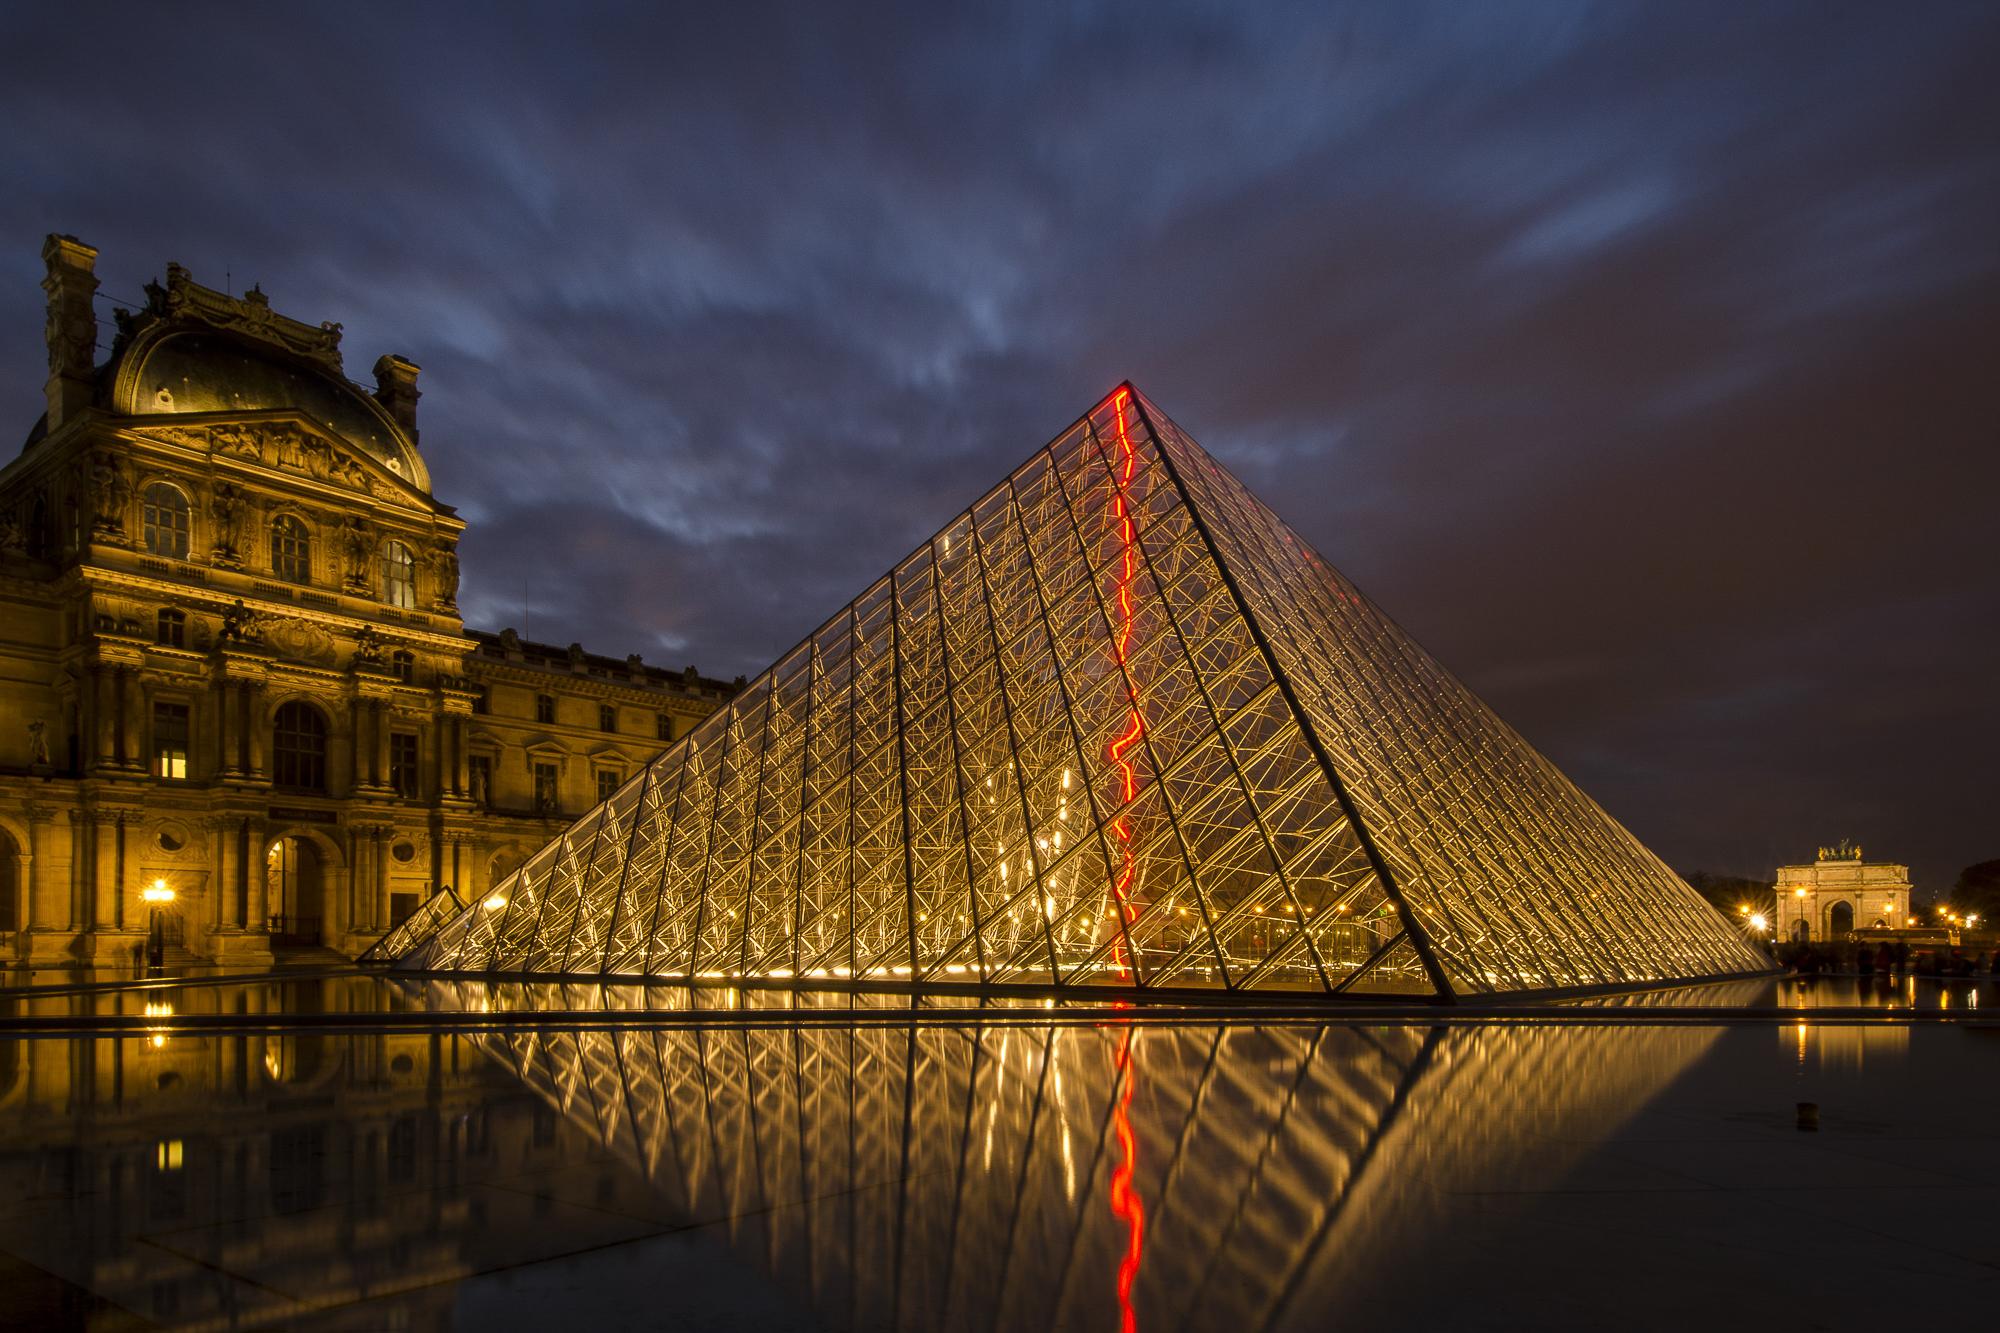 paris-extended-photo-tour-011.jpg